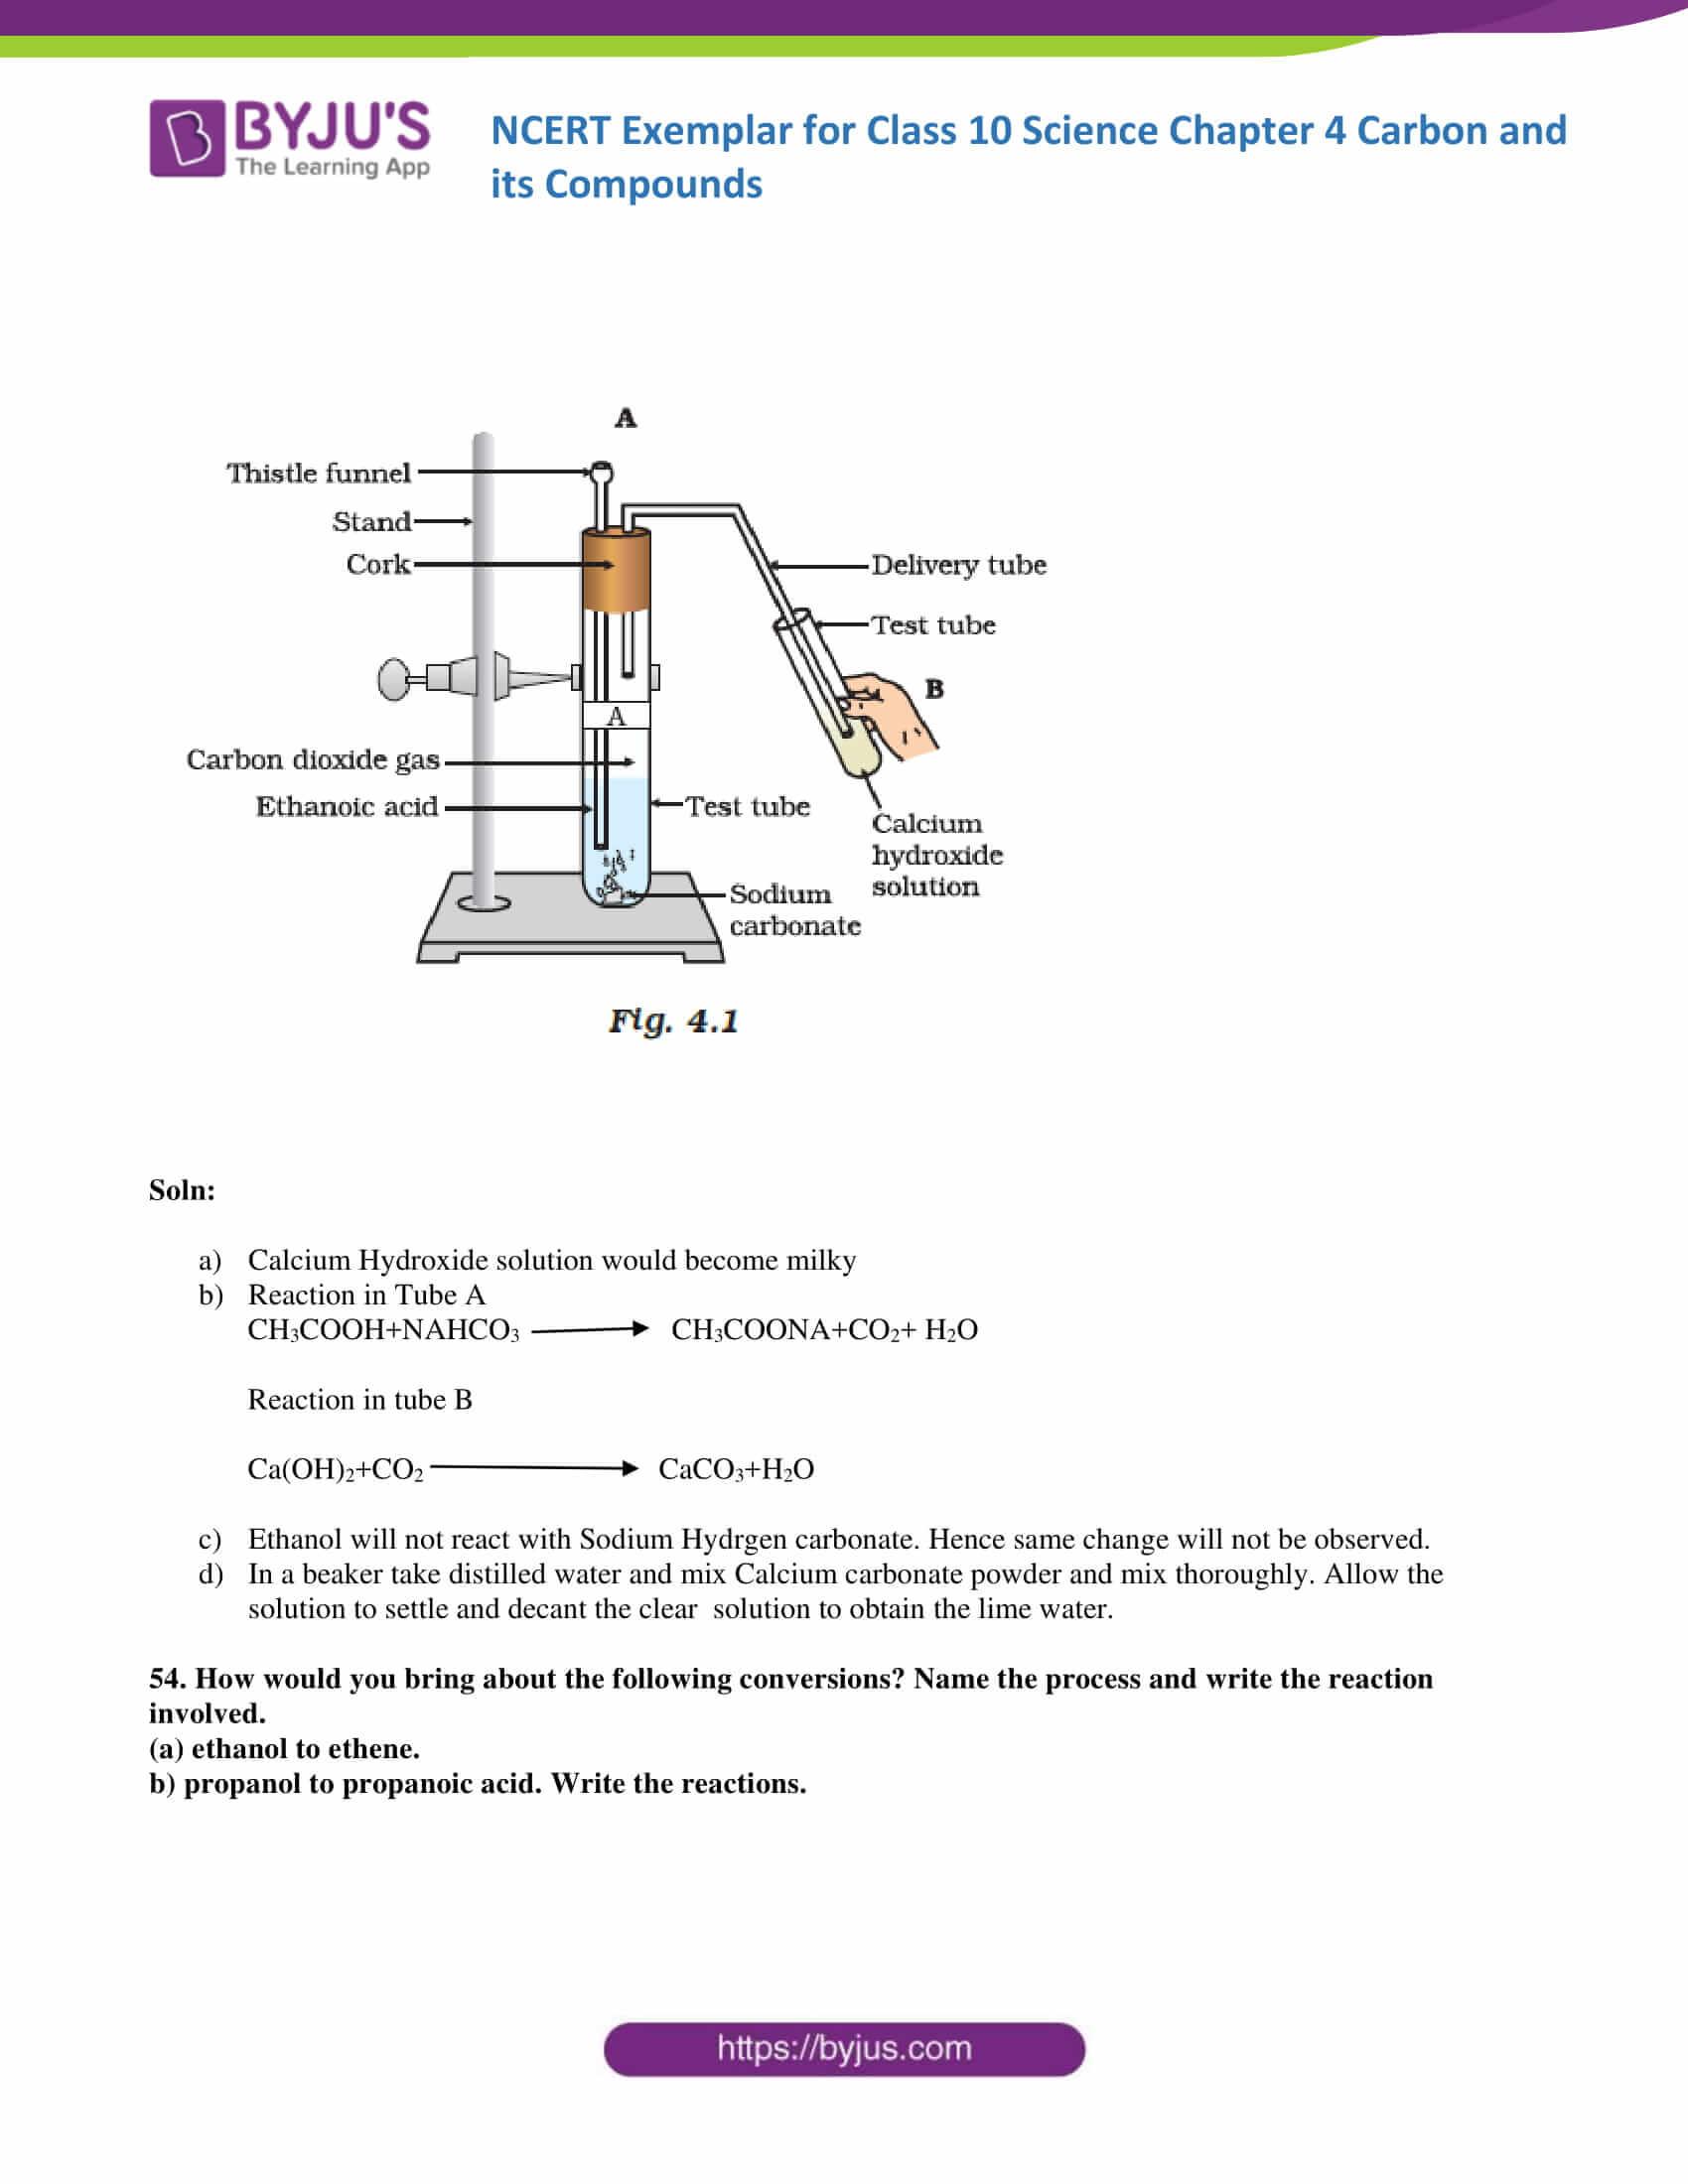 NCERT Exemplar solution class 10 Science Chapter 4 part 21